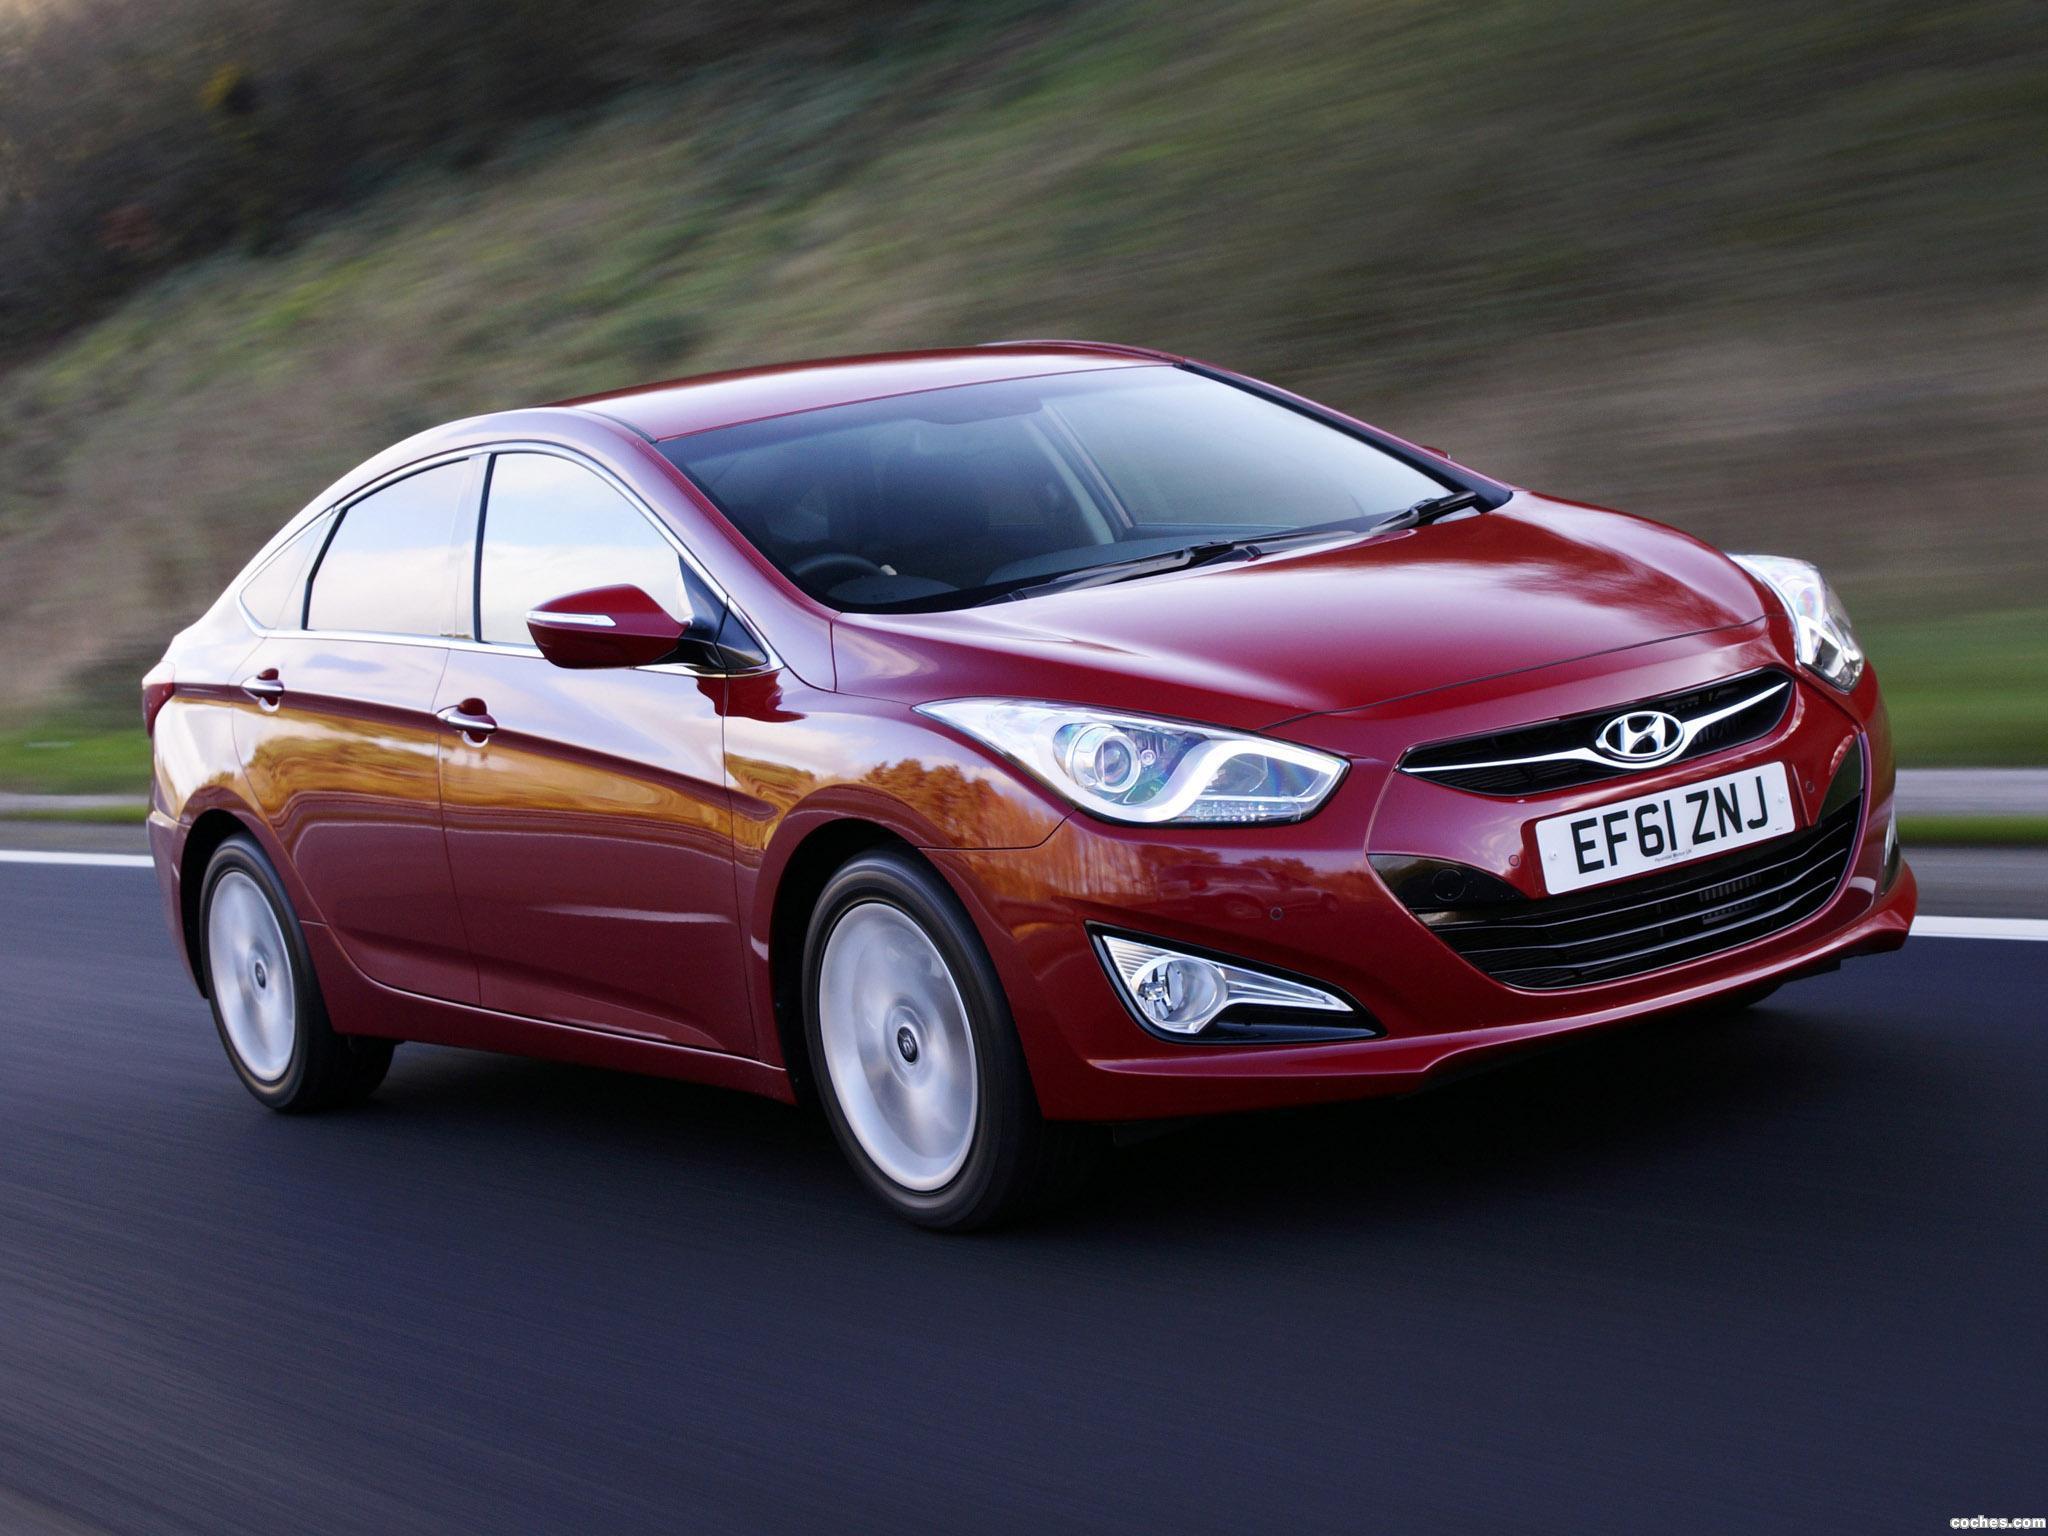 Foto 5 de Hyundai i40 Sedan UK 2012